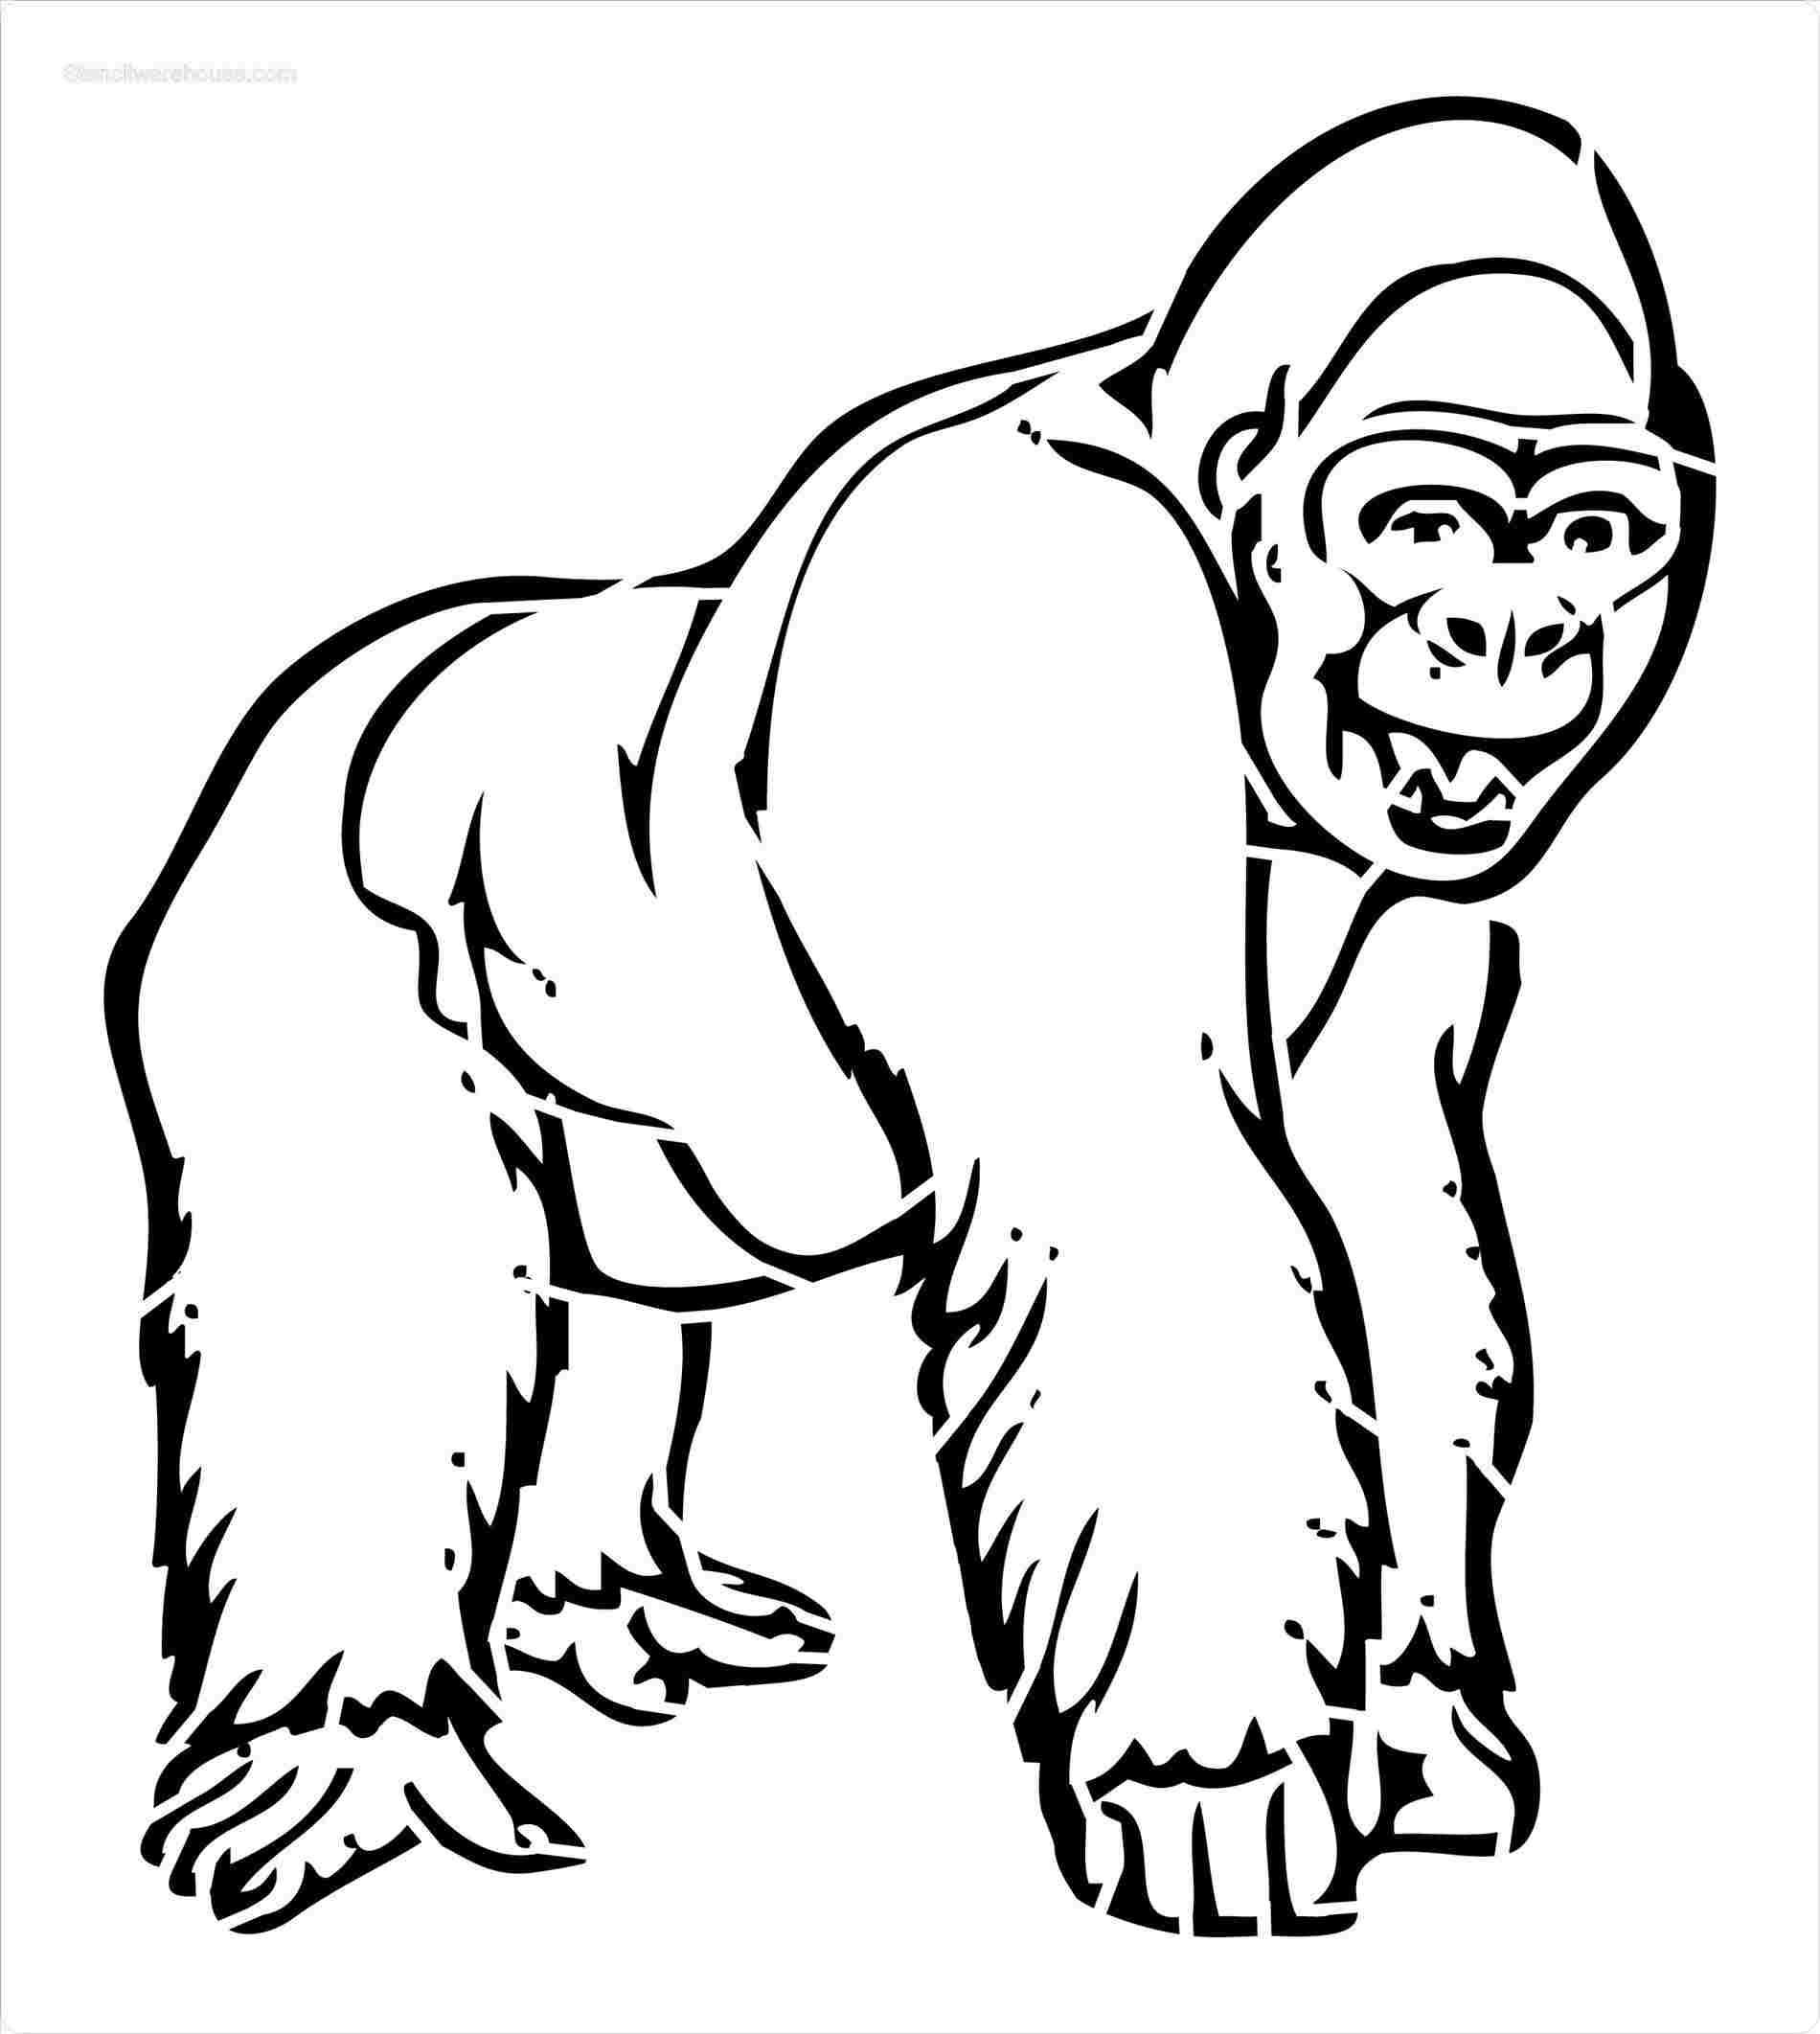 Lsu Drawings